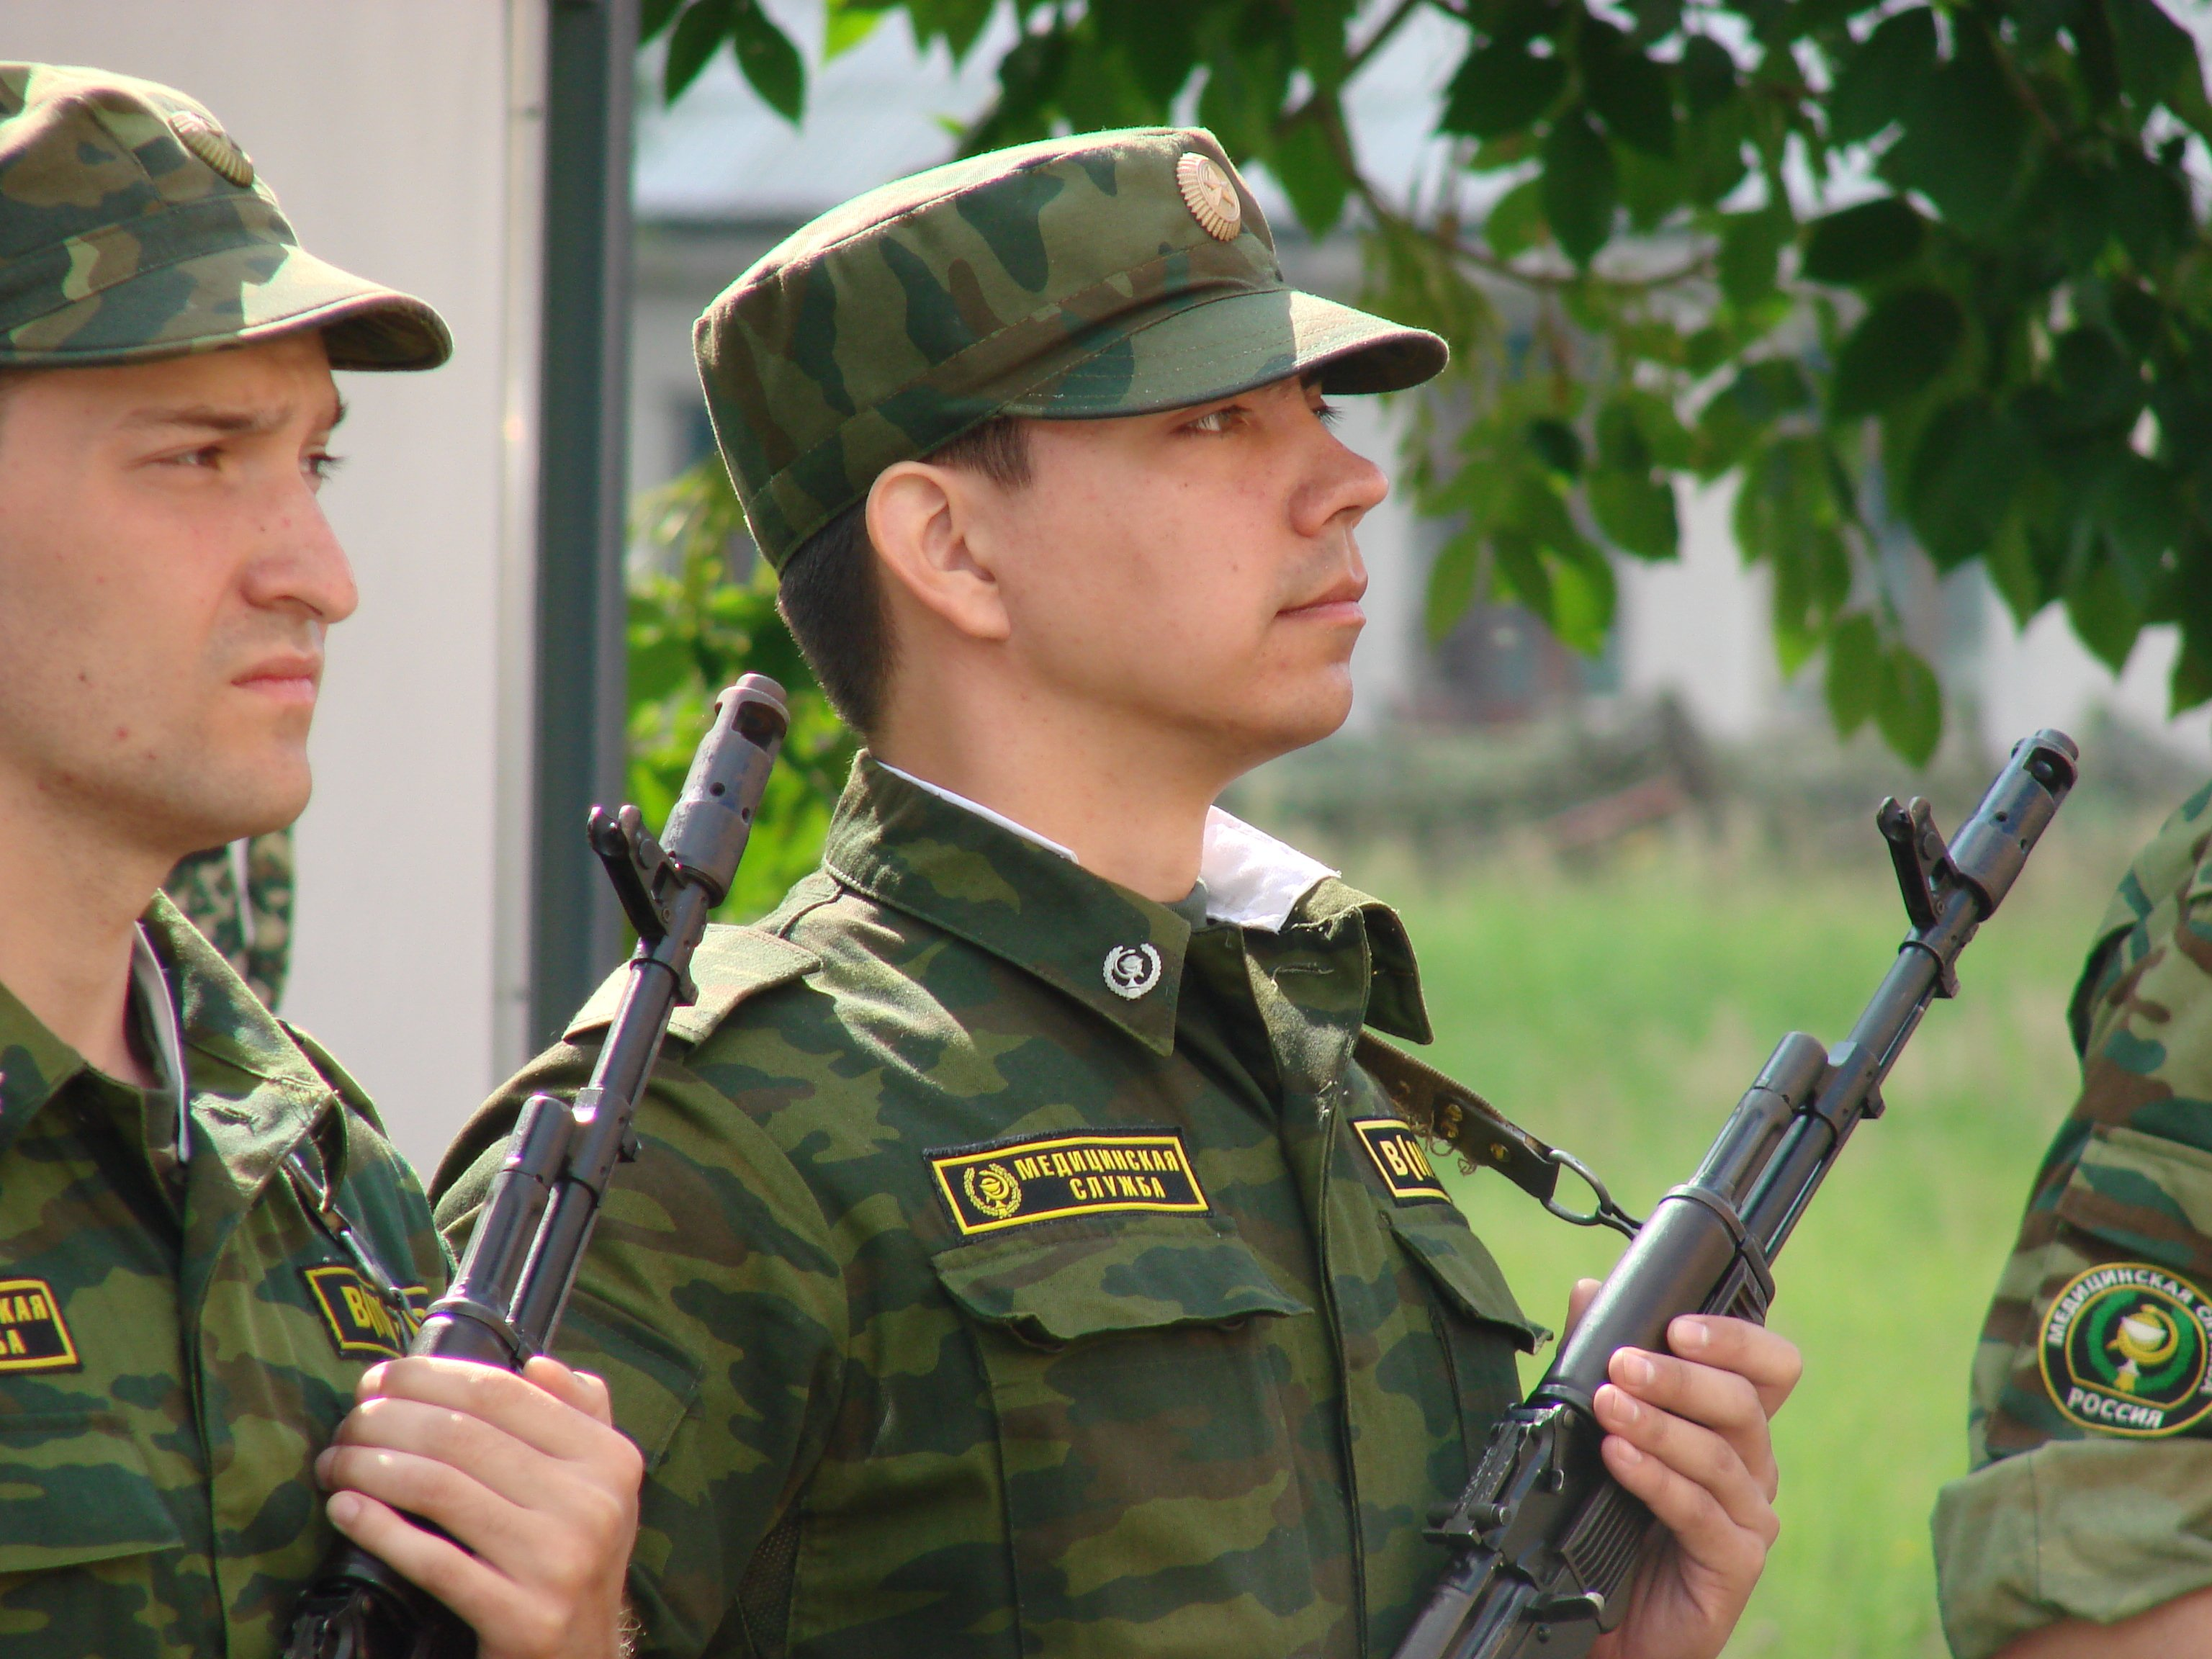 Иерархия в армии и как называют солдат (слон, черпак, космос, дух и другие)